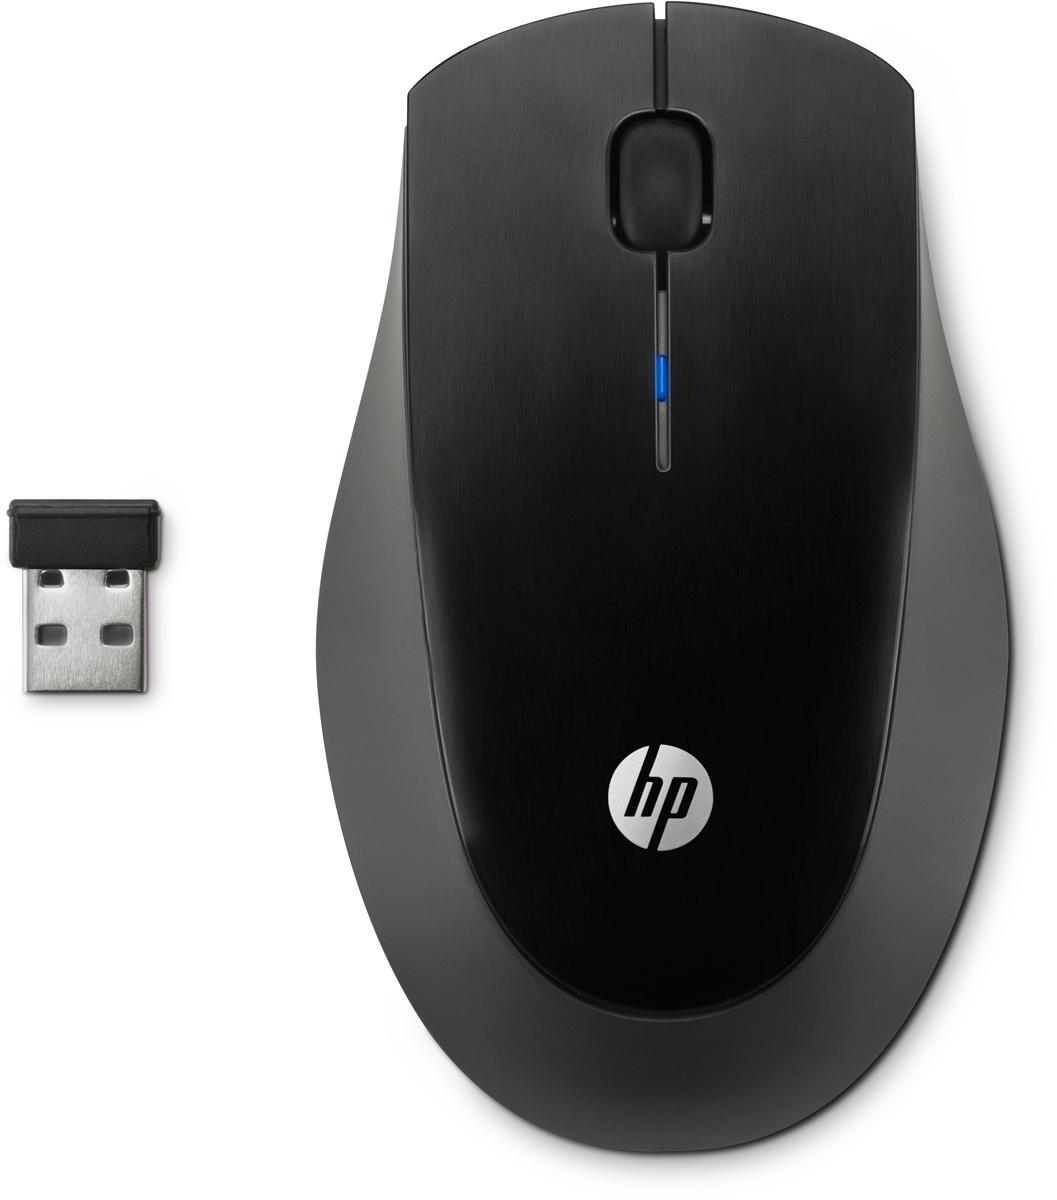 HP X3900, Black мышьh5q72aaТонкие контуры и симметричная форма обеспечивают комфортные условия работы правой или левой рукой в течение длительного времени. Не требуется устанавливать дополнительное программное обеспечение! Просто подключите приемник и пользуйтесь им. Маленький размер приемника позволяет оставлять его включенным даже в пути. Отсутствие кабелей, ограничивающих движения. Получите удовольствие от использования удобной мыши. Мышь работает в пределах 10 м.